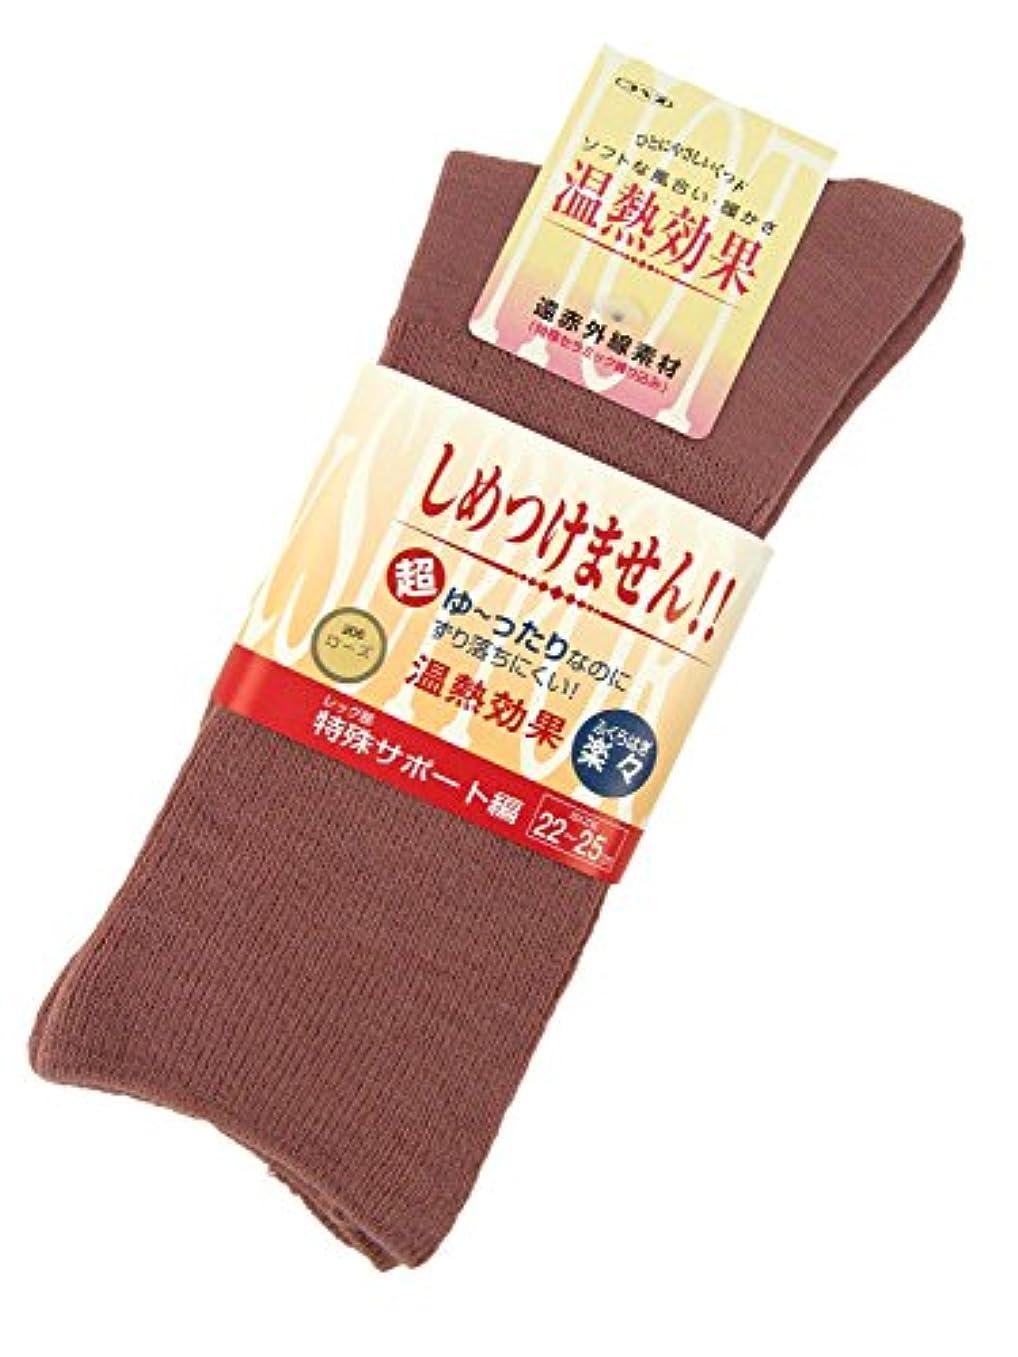 つかいます赤道昆虫を見る神戸生絲 ふくらはぎ楽らくソックス 婦人 秋冬用 ローズ 3900 ローズ